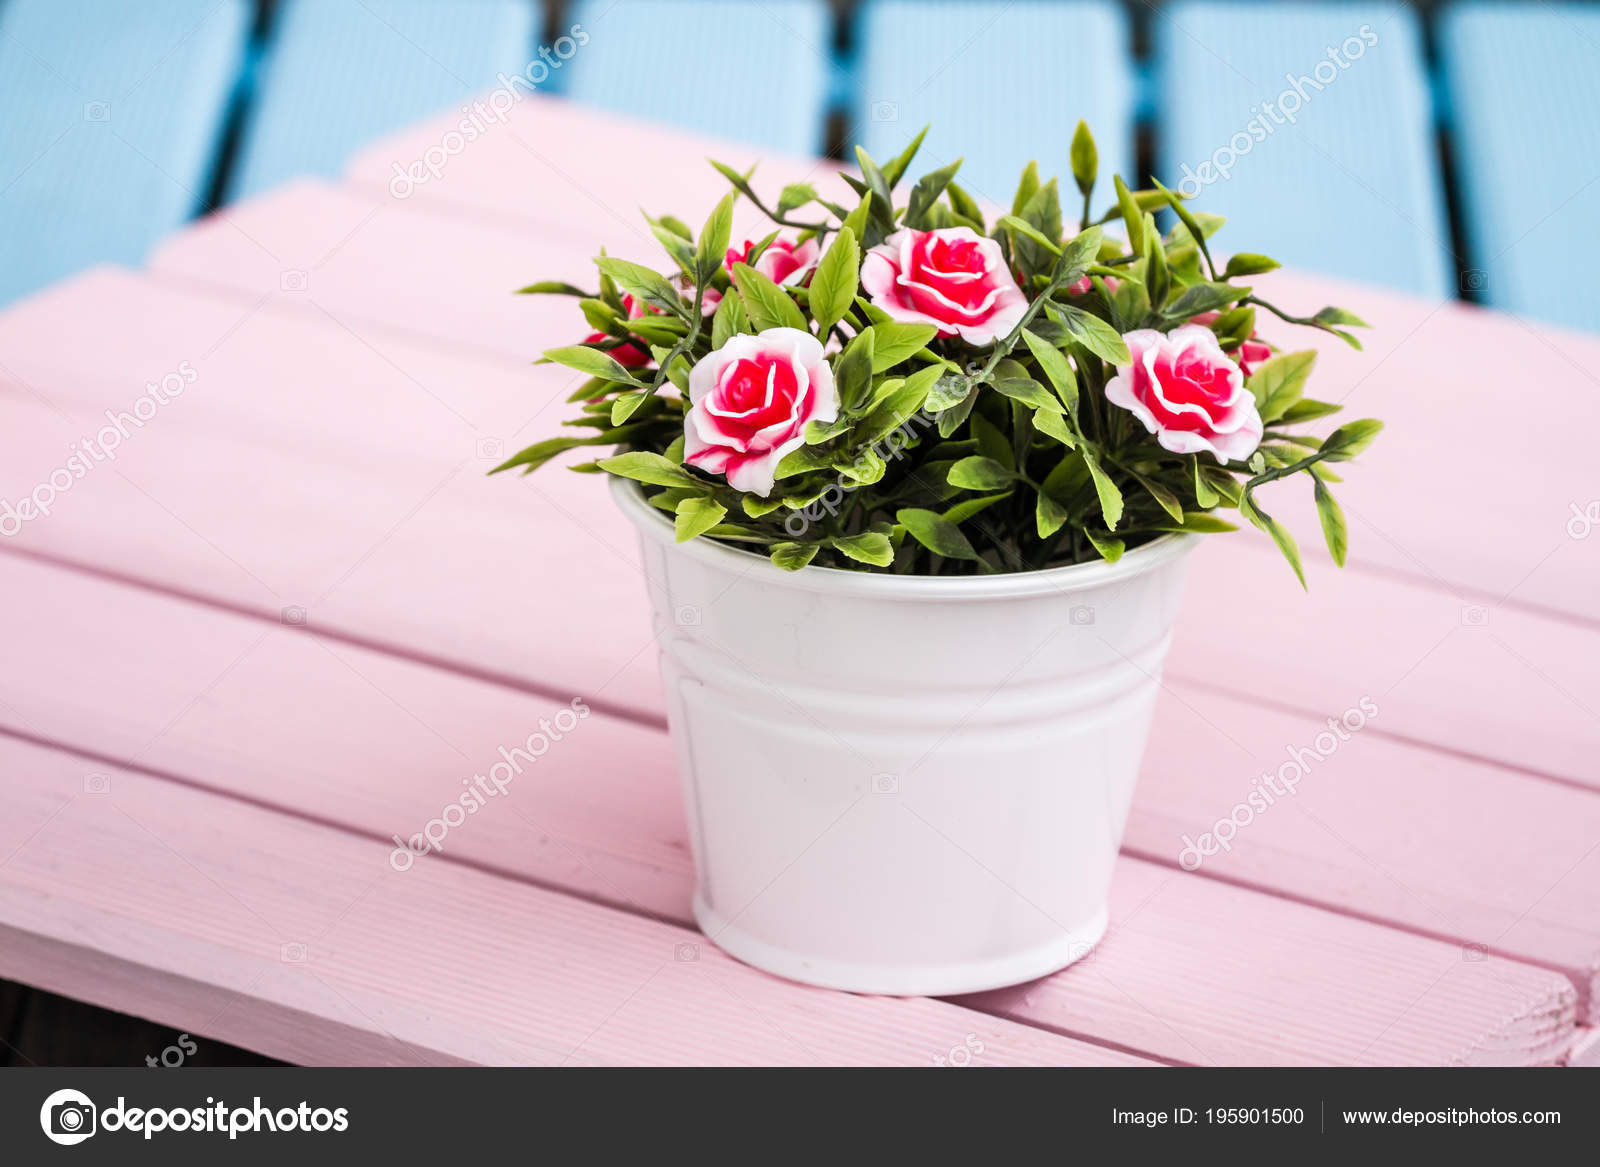 Umělé Barevné Květiny Květináče Modré Dřevěné Pozadí — Stock fotografie 3c7ea2ada4a